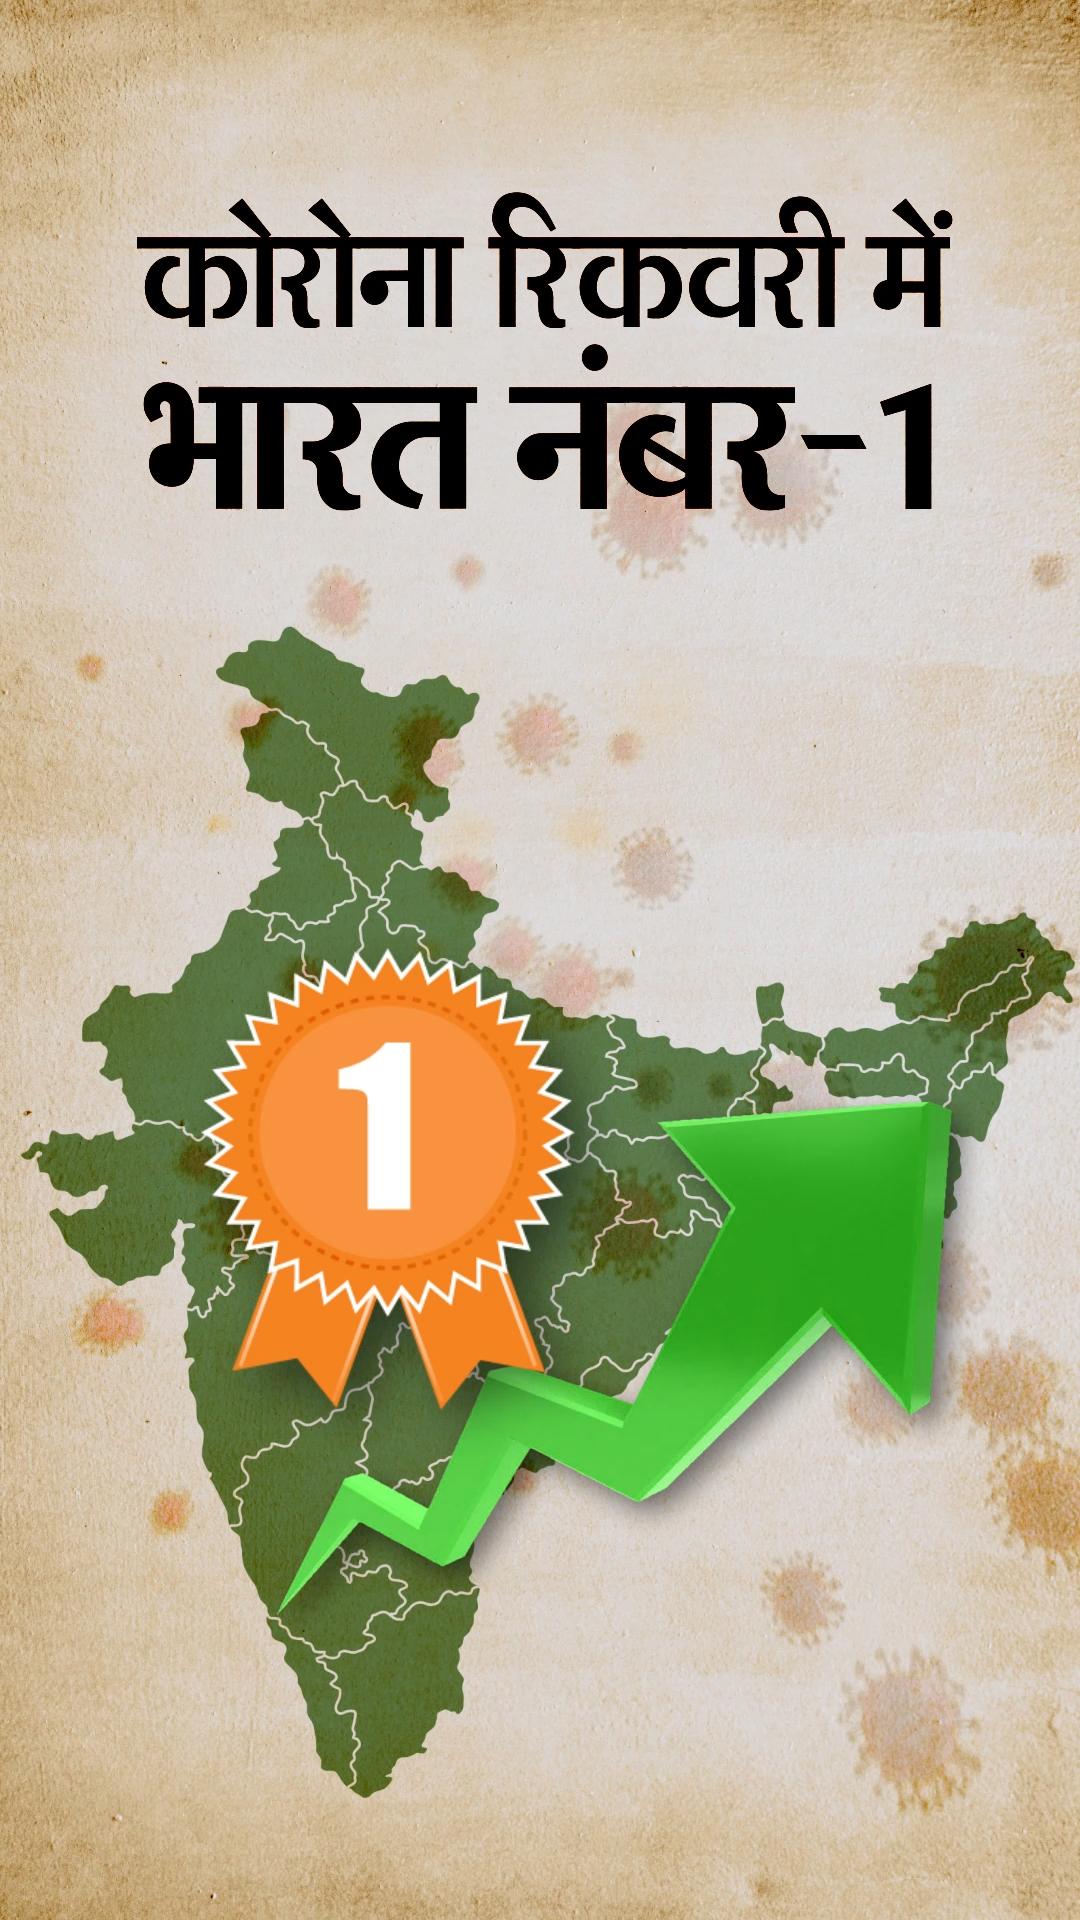 देश में 3 करोड़ से ज्यादा लोगों ने वायरस पर जीत पाई, अब 5 लाख से कम एक्टिव केस|देश,National - Dainik Bhaskar